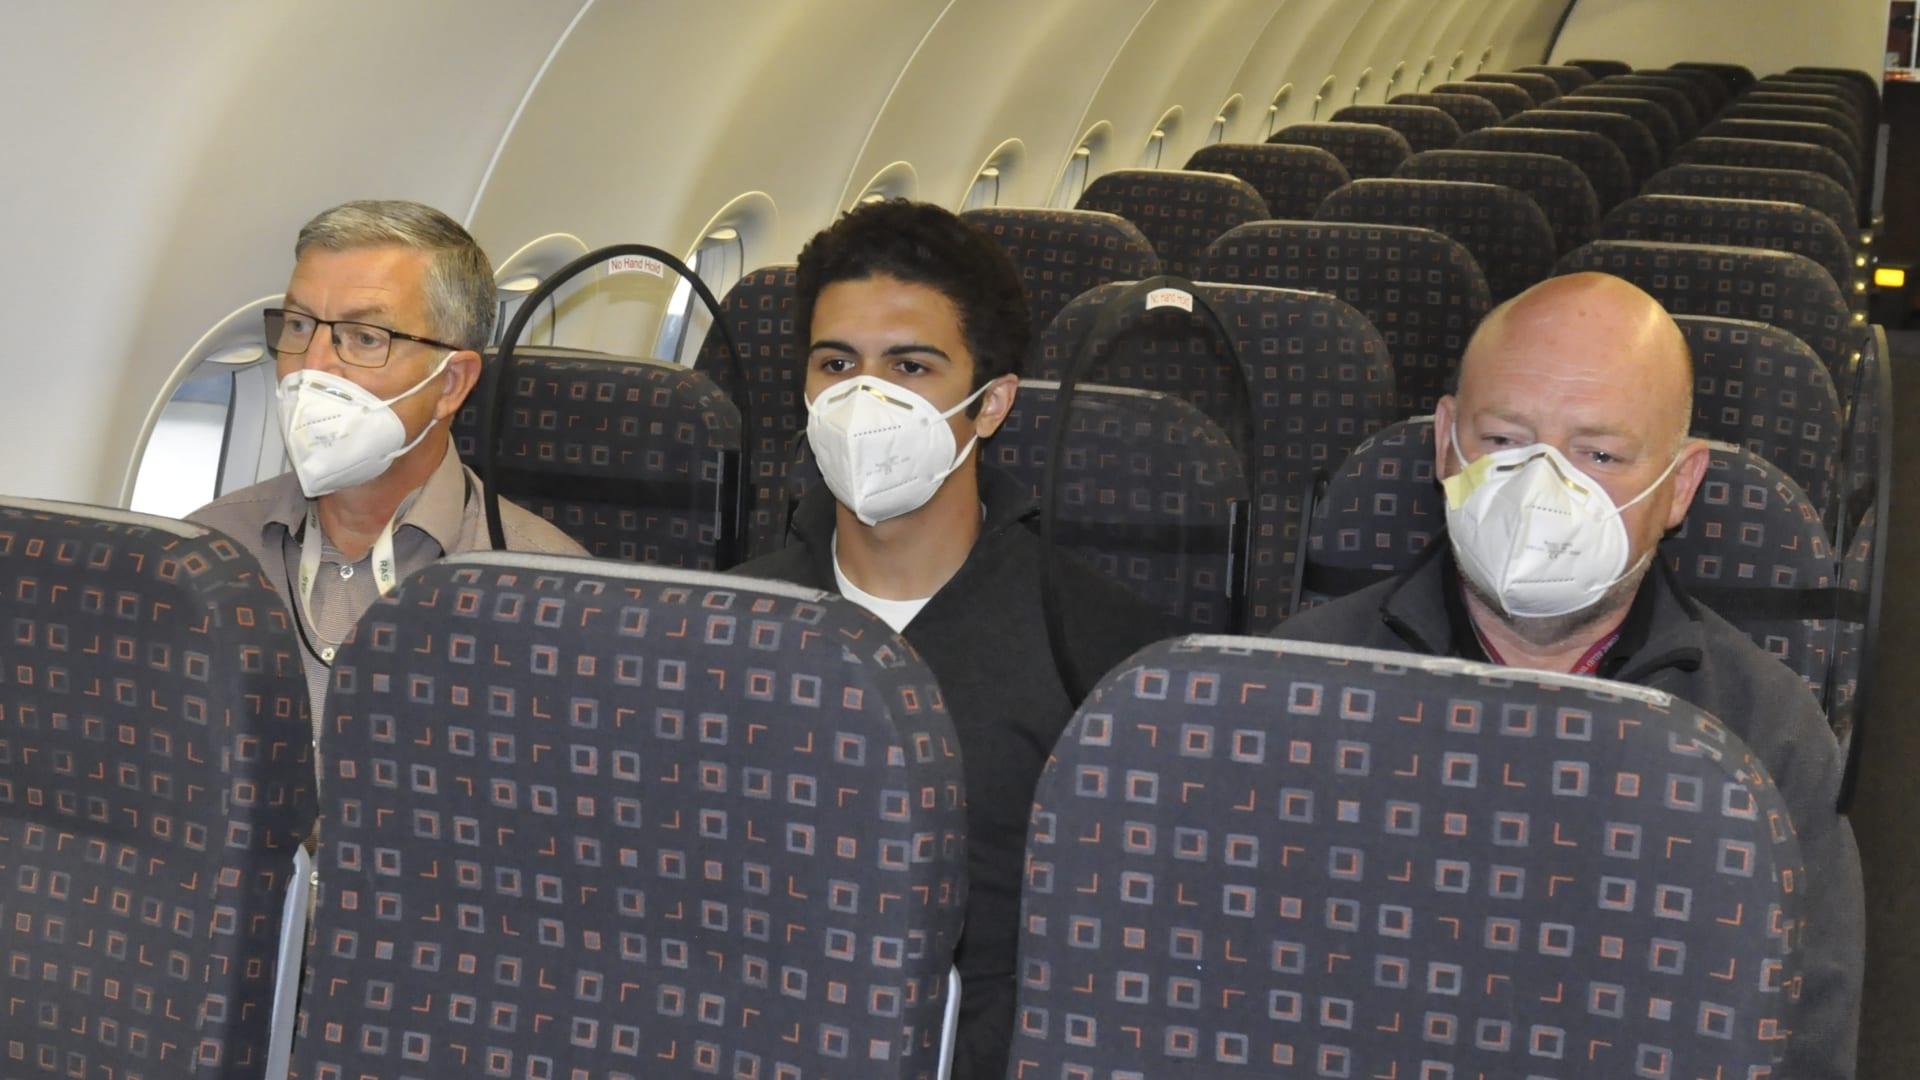 هل سيوقف هذا الجهاز البسيط انتشار فيروس كورونا على الطائرات؟